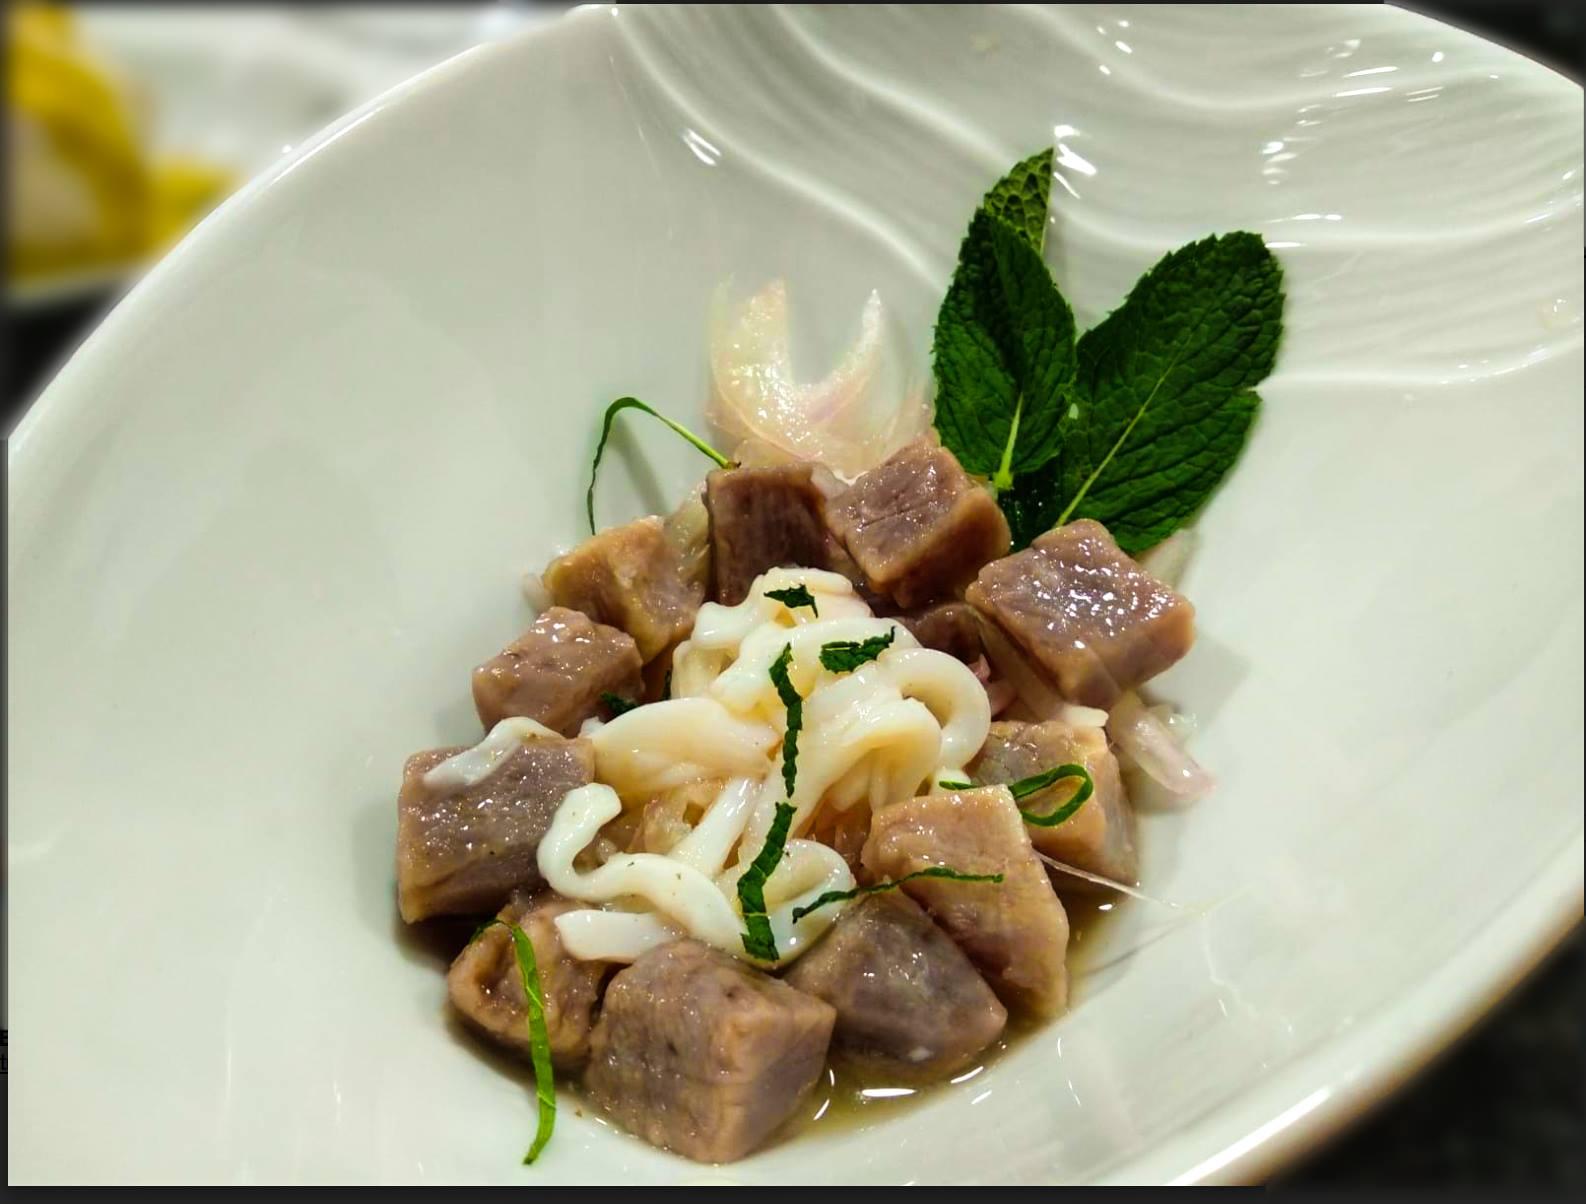 Receta de Ceviche de chipiron y bonito